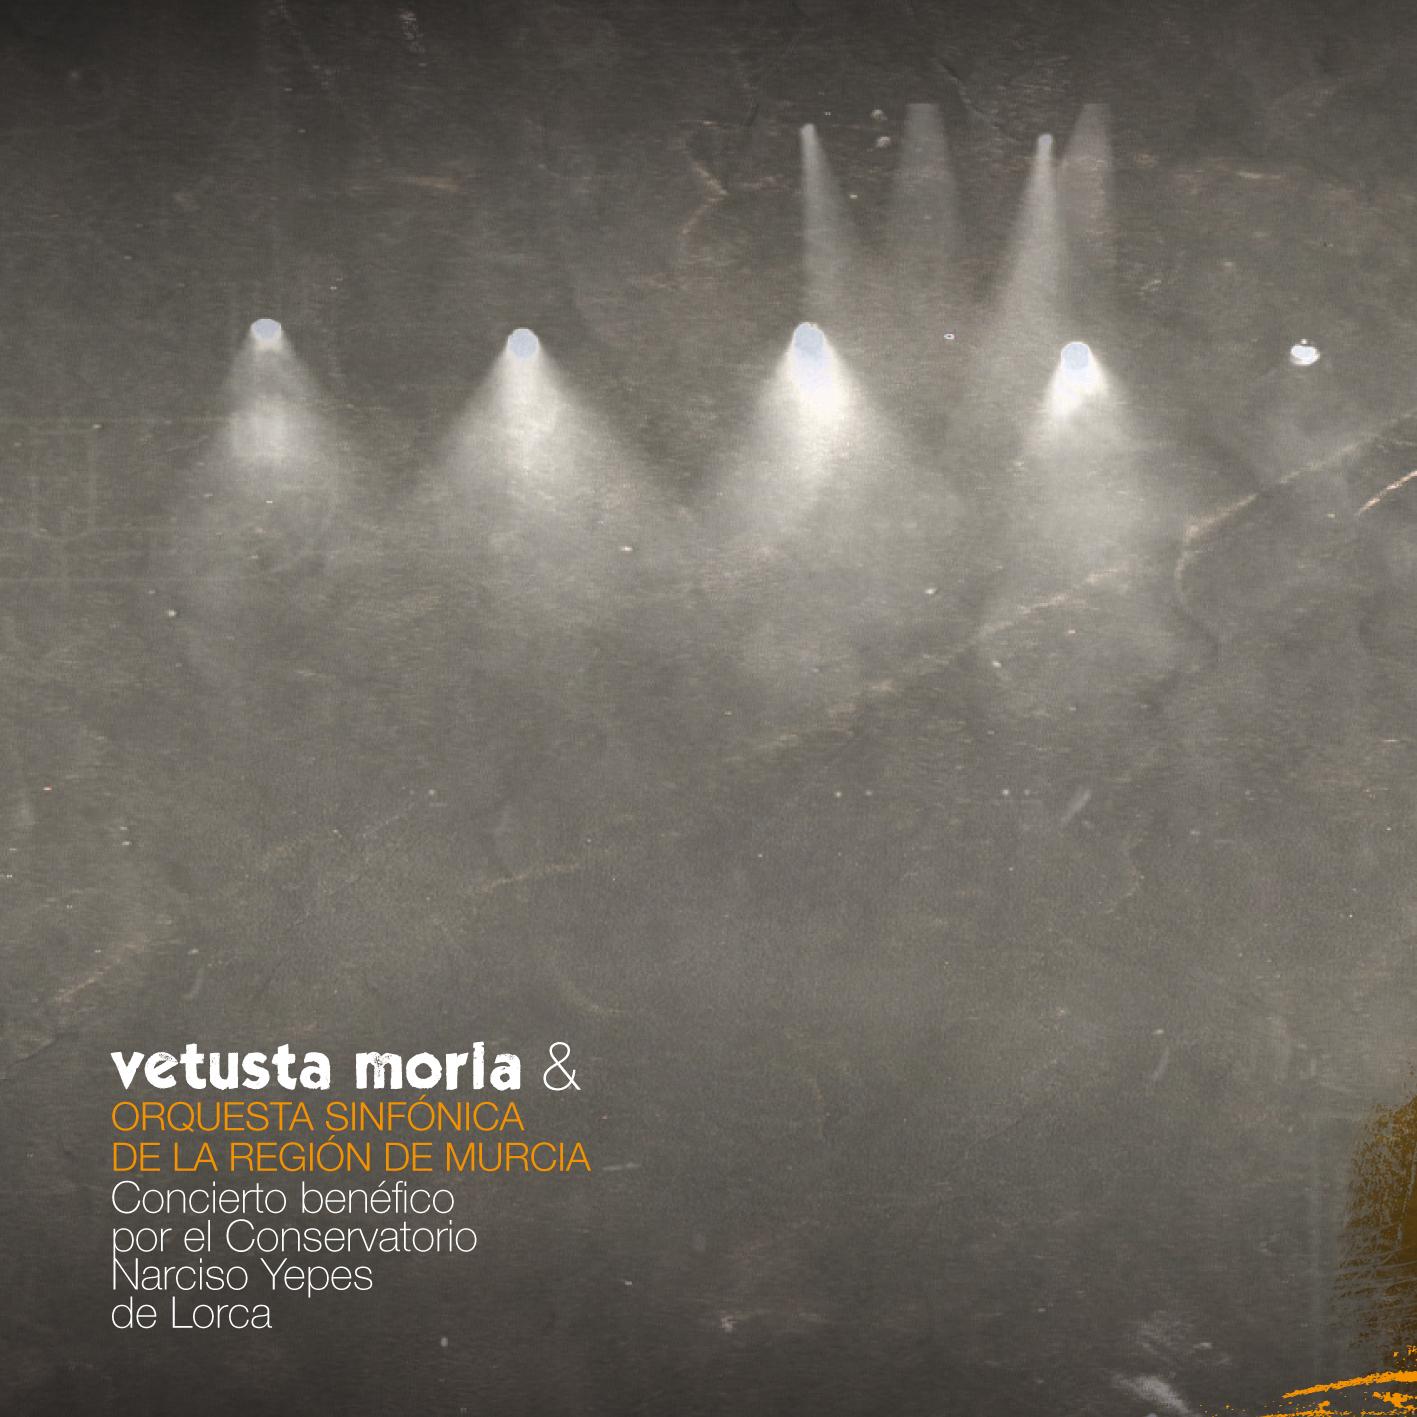 Vetusta+Morla+-+Concierto+Benéfico+por+el+Conservatorio+Narciso+Yepes+de+Lorca.jpg